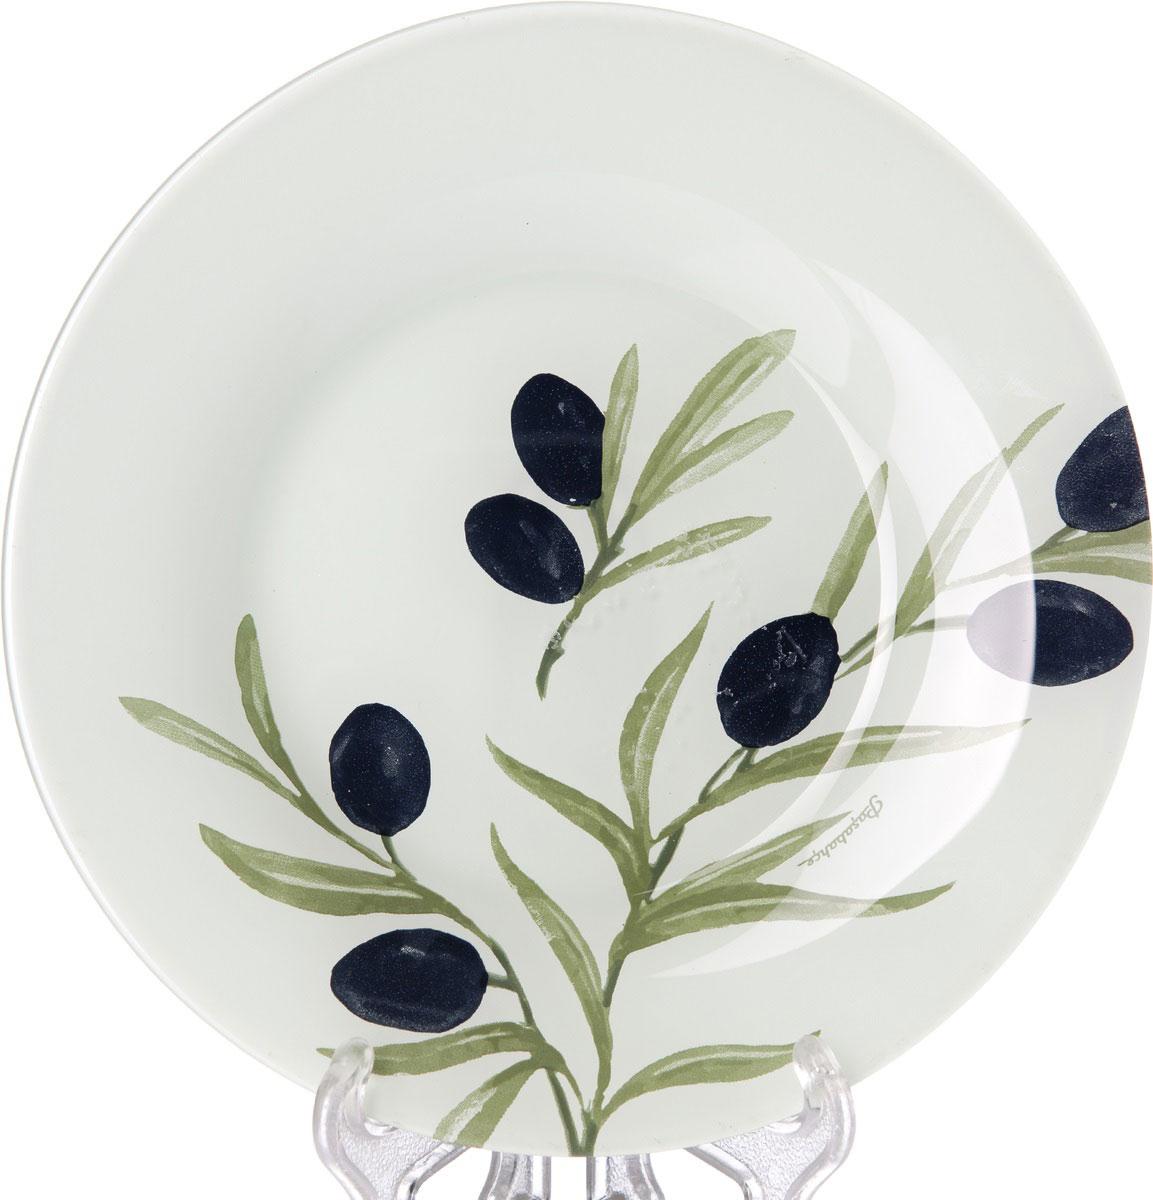 Тарелка Pasabahce Олива, диаметр 19,5 см10327SLBD35Тарелка Pasabahce Олива выполнена из качественногостекла и украшена рисунком. Тарелка прекрасно подойдет в качестве сервировочного блюда для фруктов, десертов, закусок, торта и другого.Изящная тарелка прекрасно оформит праздничный стол и порадует вас и ваших гостей изысканным дизайном и формой. Диаметр тарелки: 19,5 см.